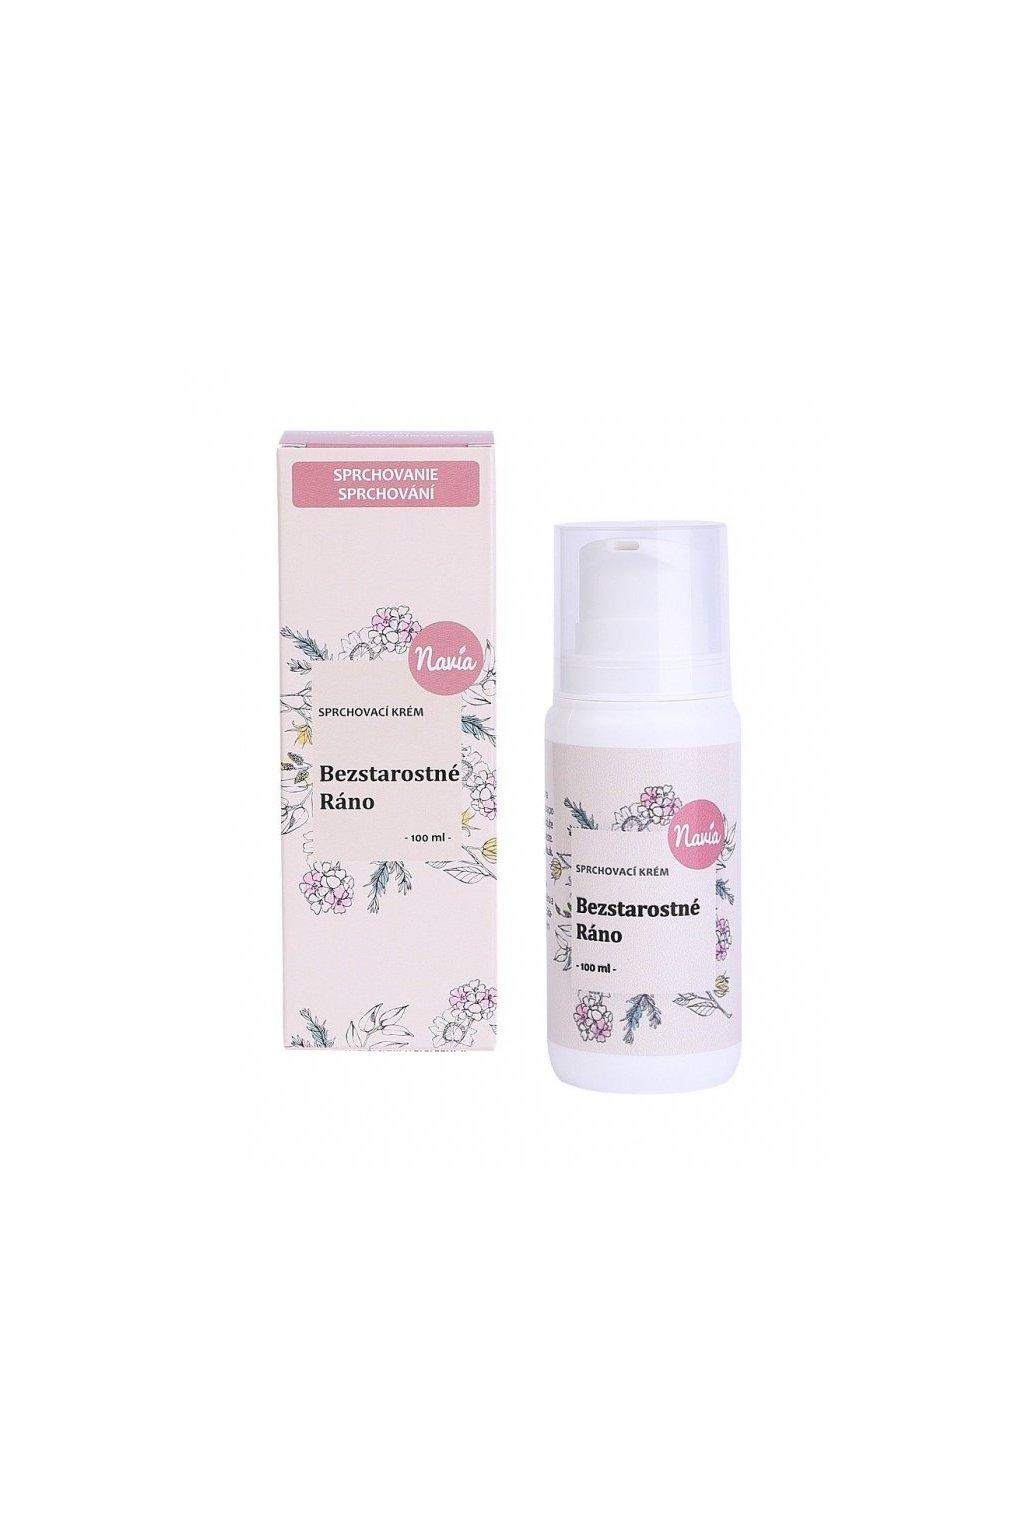 Kvitok Sprchovací krém Bezstarostné ráno (100 ml)